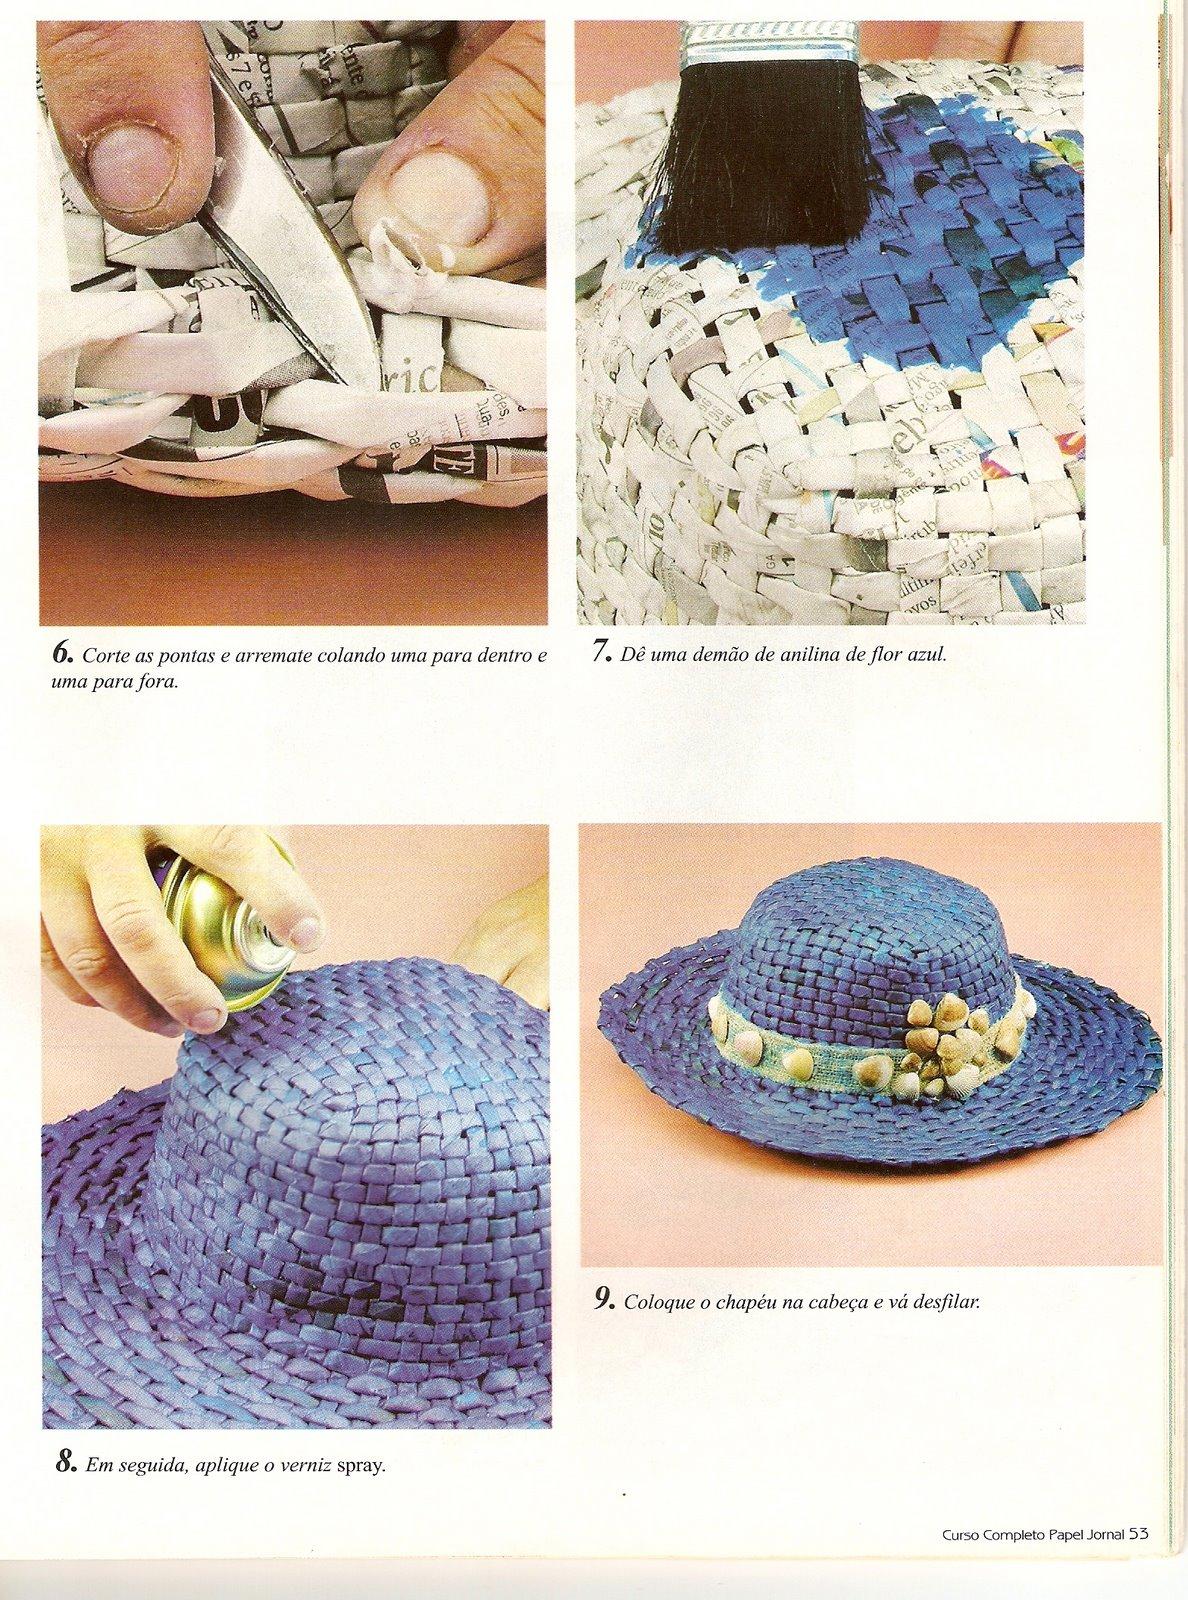 Arte con papel cestas bandejas sombreros todo hecho con papel de peri dico - Decorar cestas de mimbre paso a paso ...